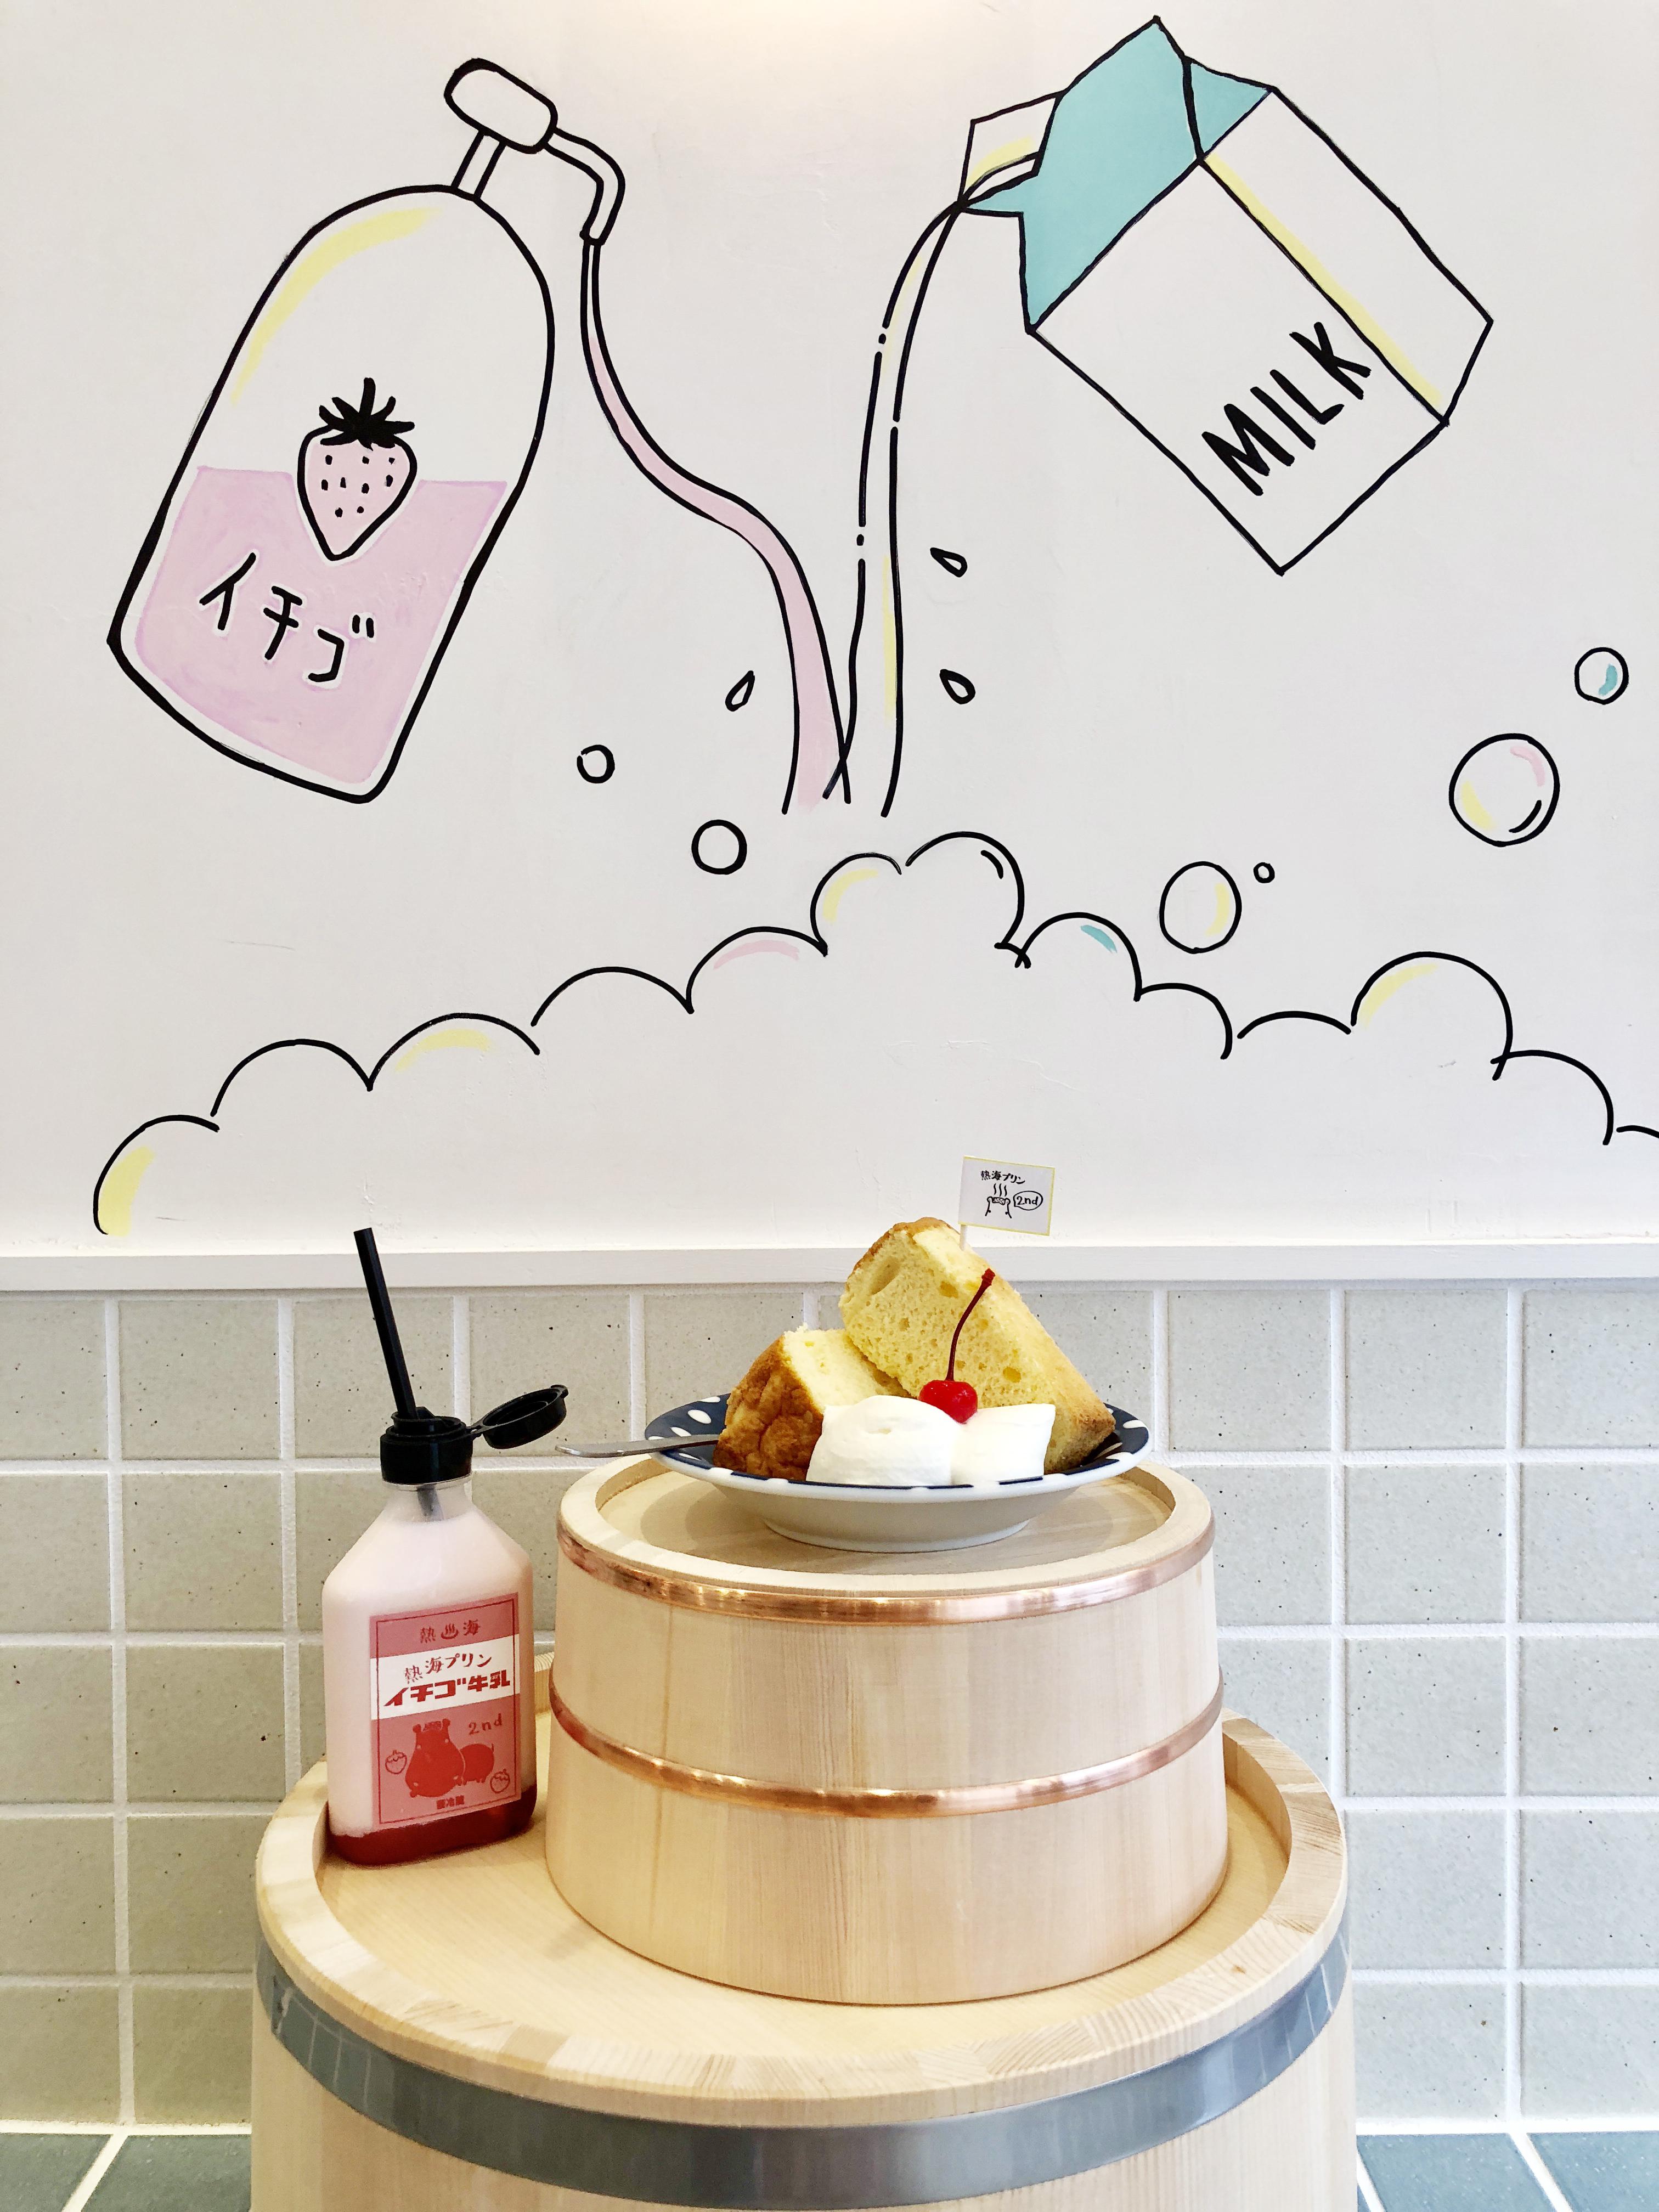 熱海プリン2nd シフォンケーキ イチゴ牛乳